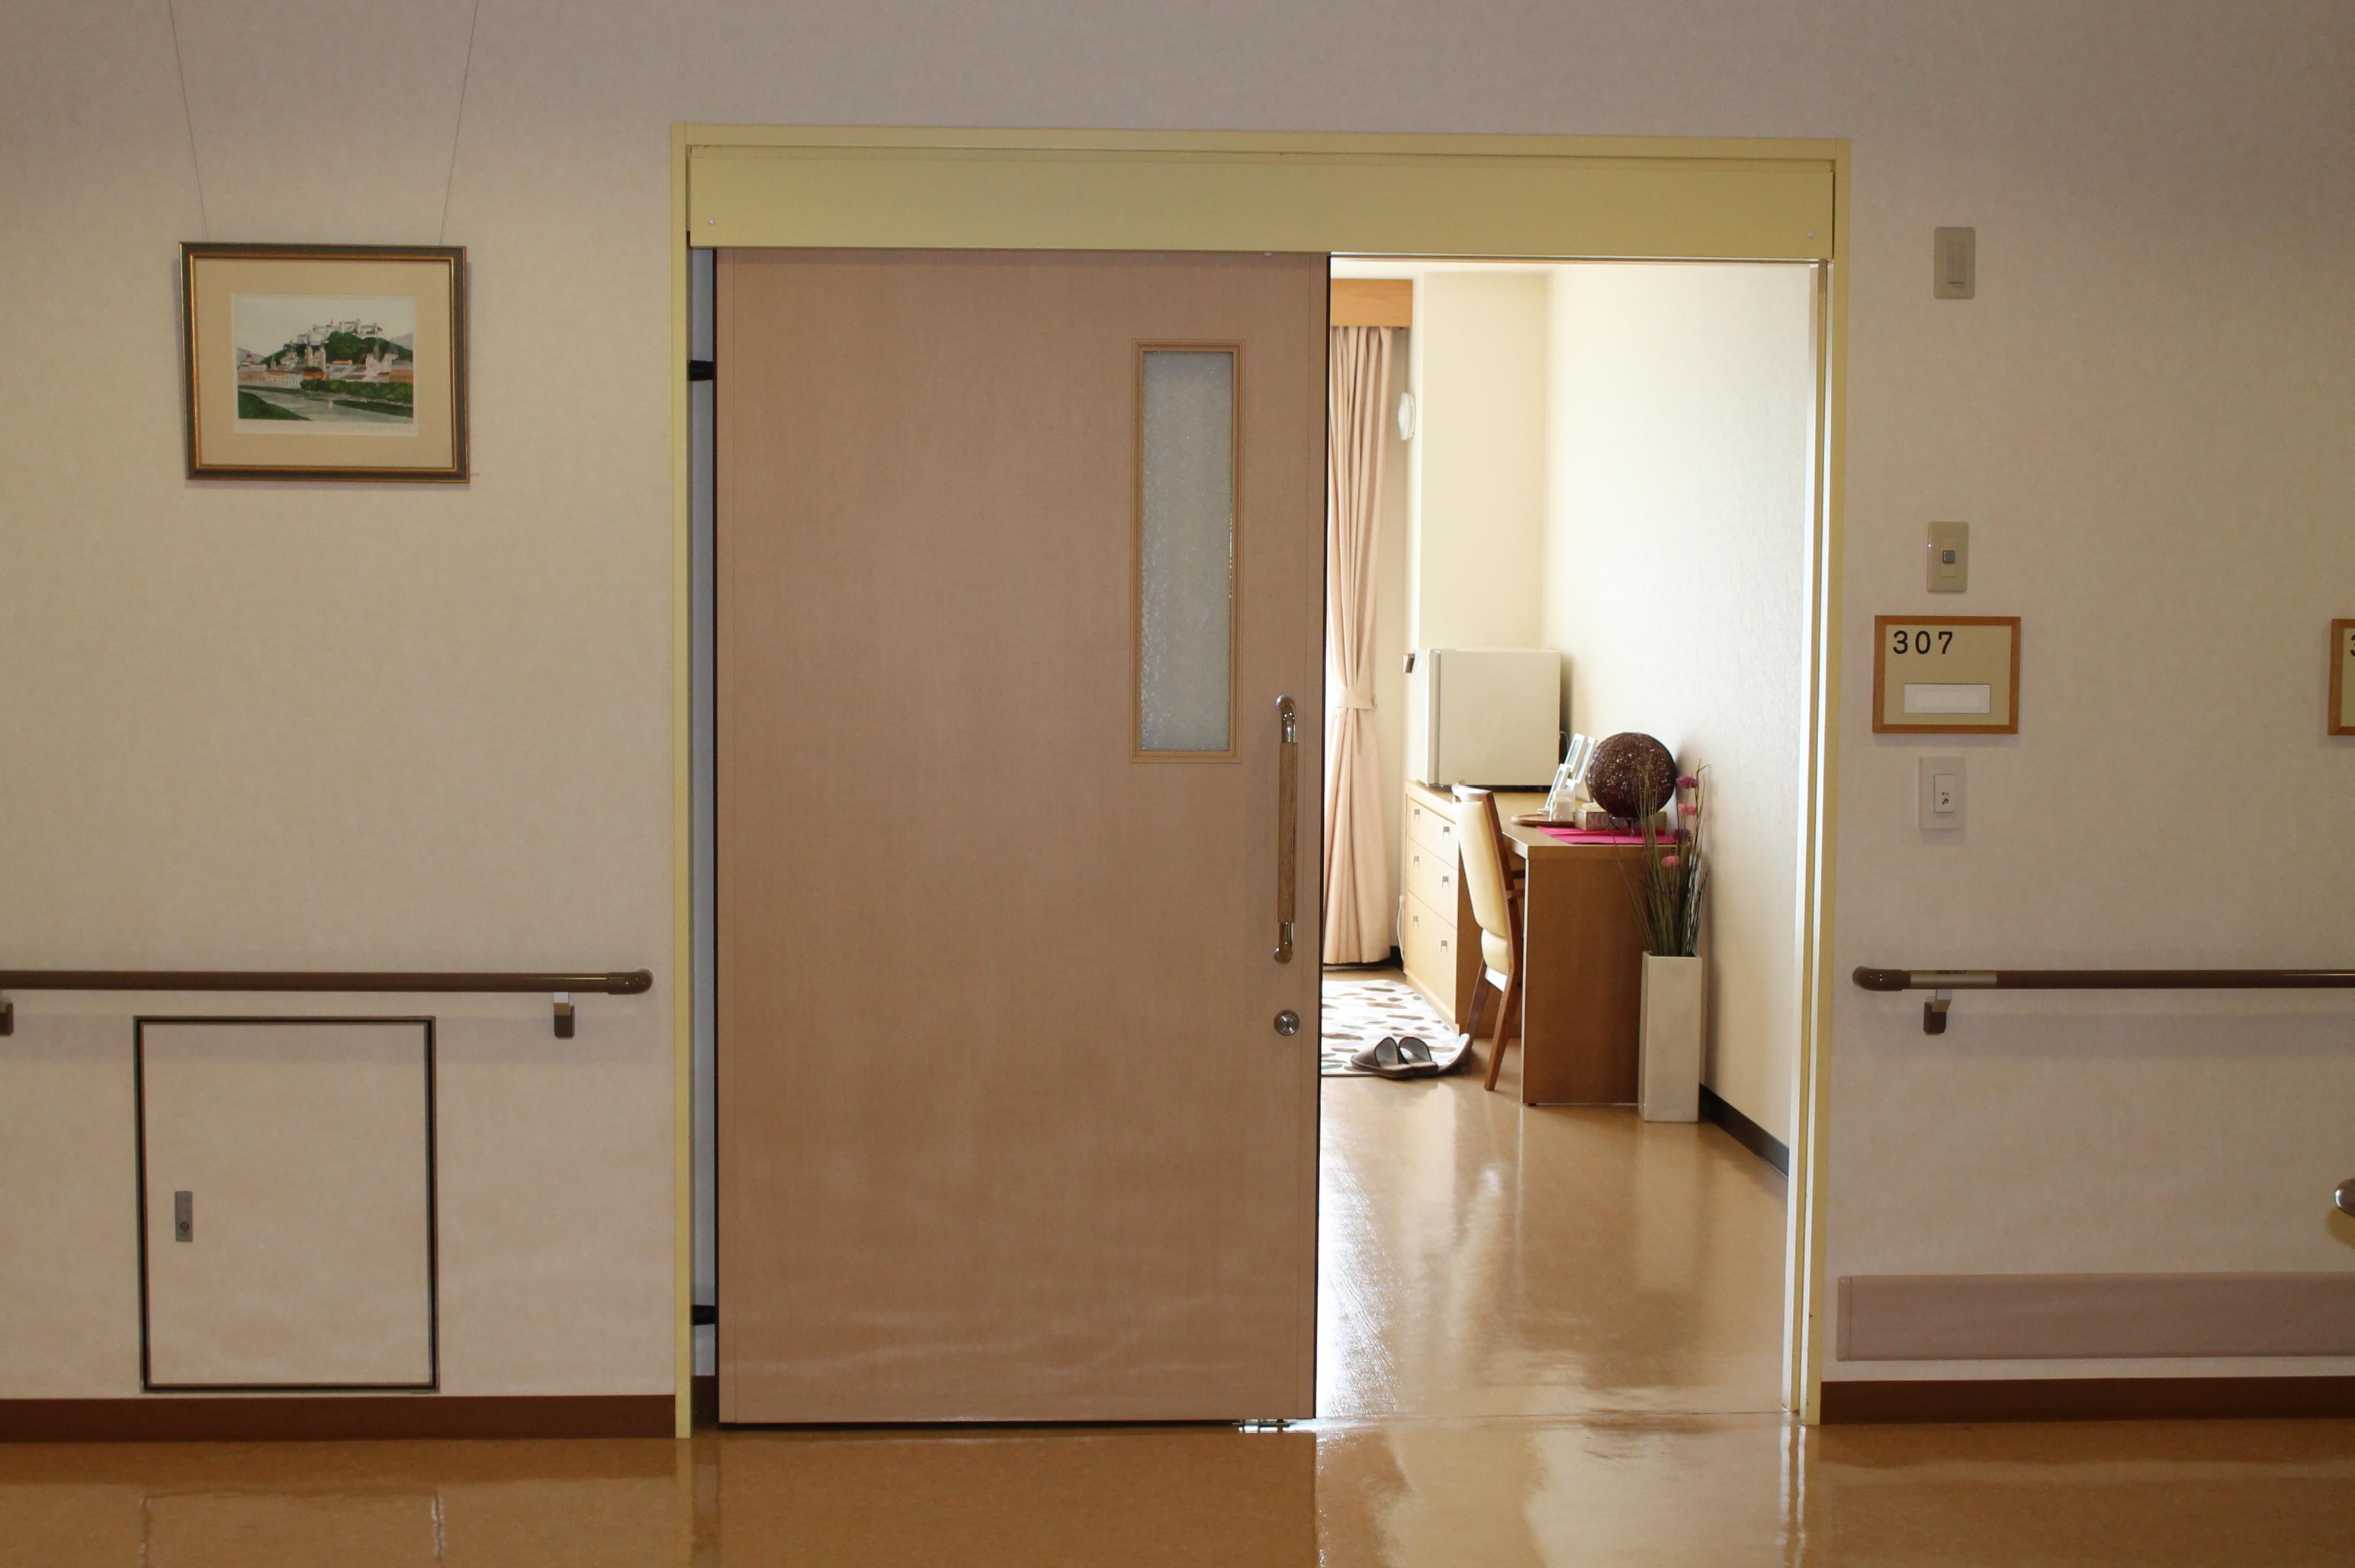 老人ホームへの入居。介護者の方の罪悪感との向き合い方。